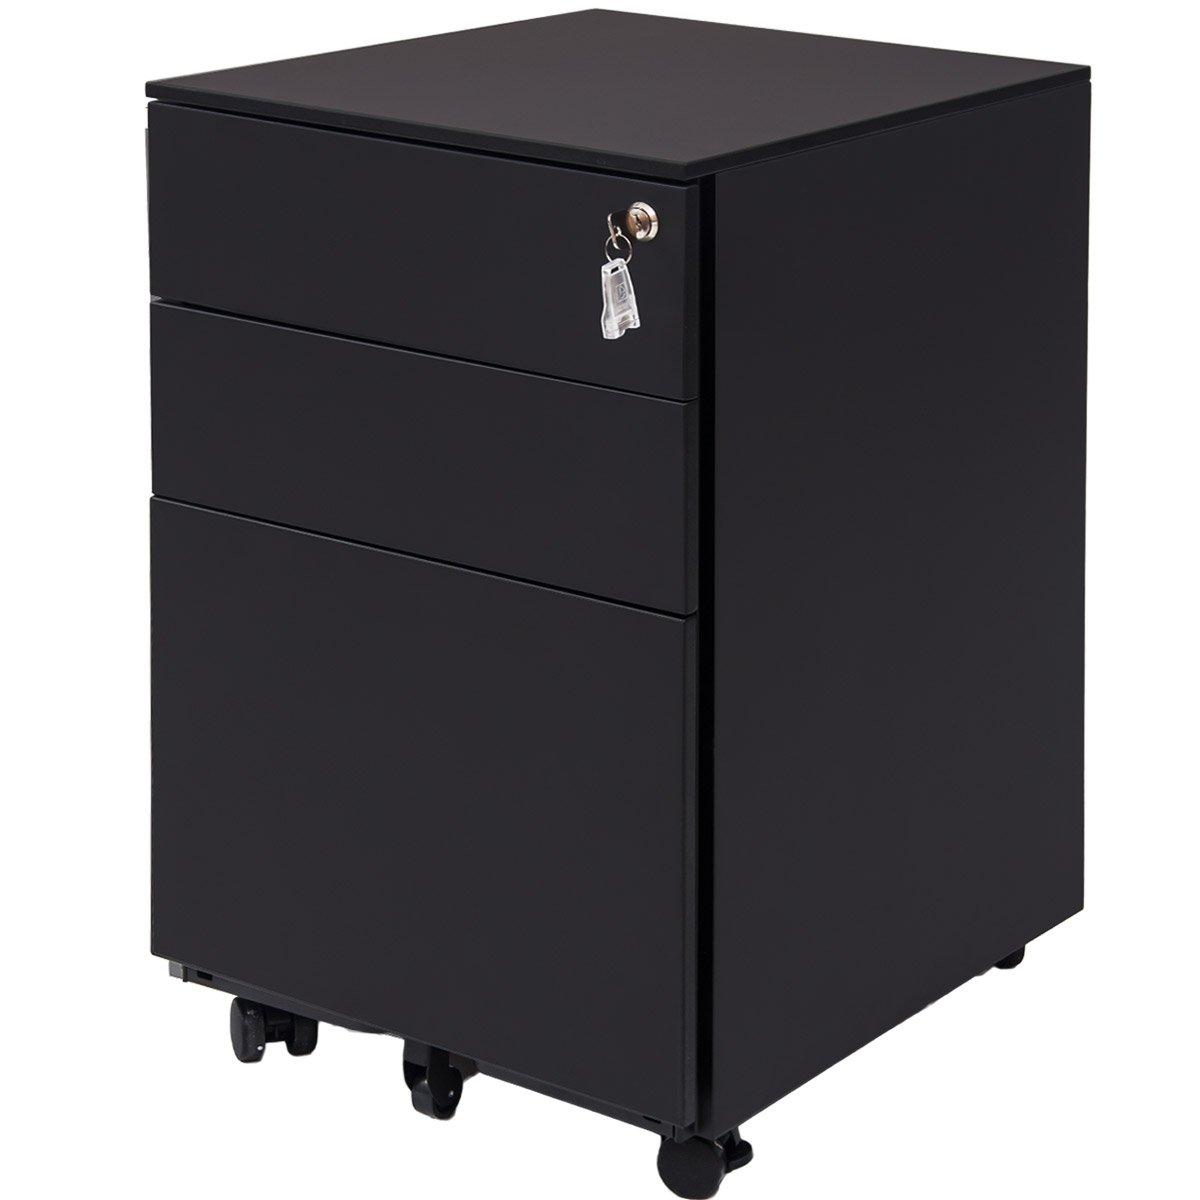 ModernLuxe Three Drawer File Cabinet Mobile Metal Lockable File Cabinet Under Desk Fully Assembled Except for 5 Castors (Black)